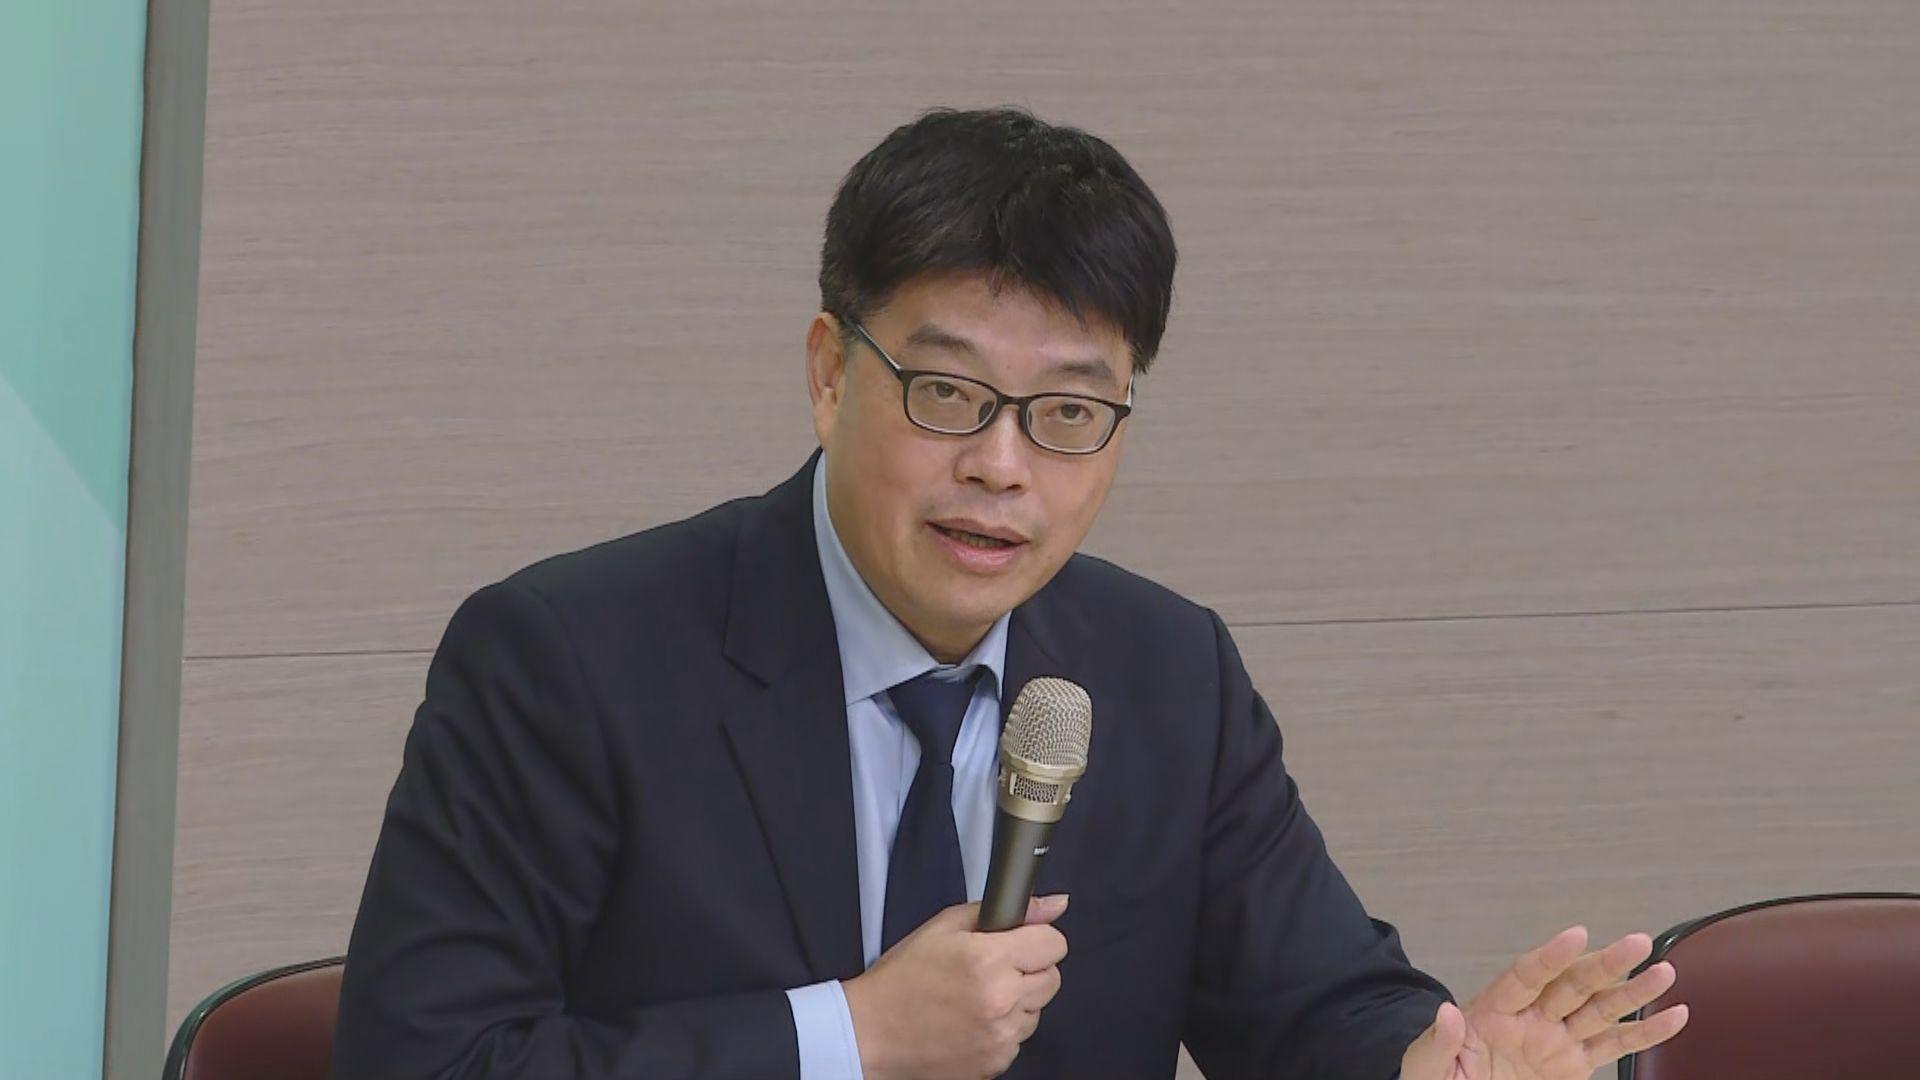 陸委會:不想陳同佳案有法律空窗期冀港方正面回應